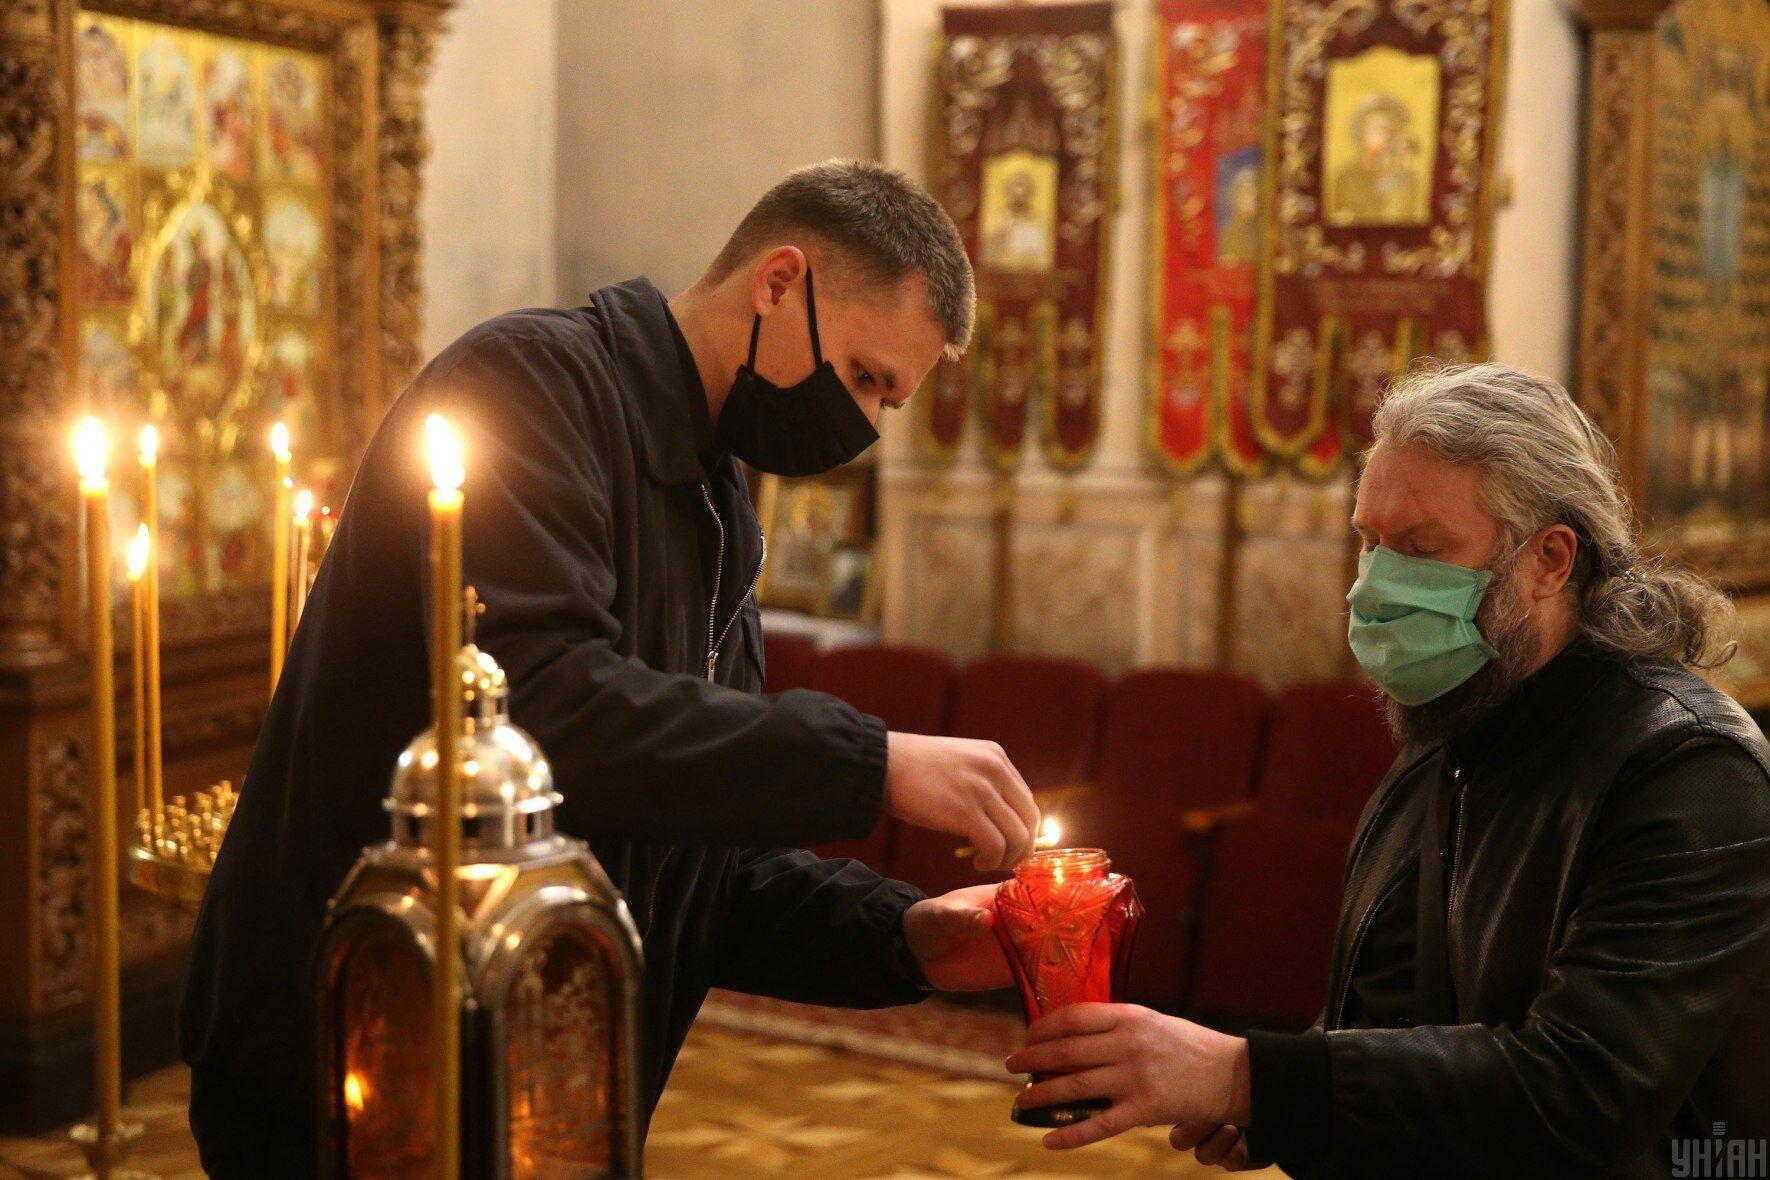 Вважається, що вперше Благодатний вогонь зійшов, коли апостол Петро прийшов до Гробу Господнього